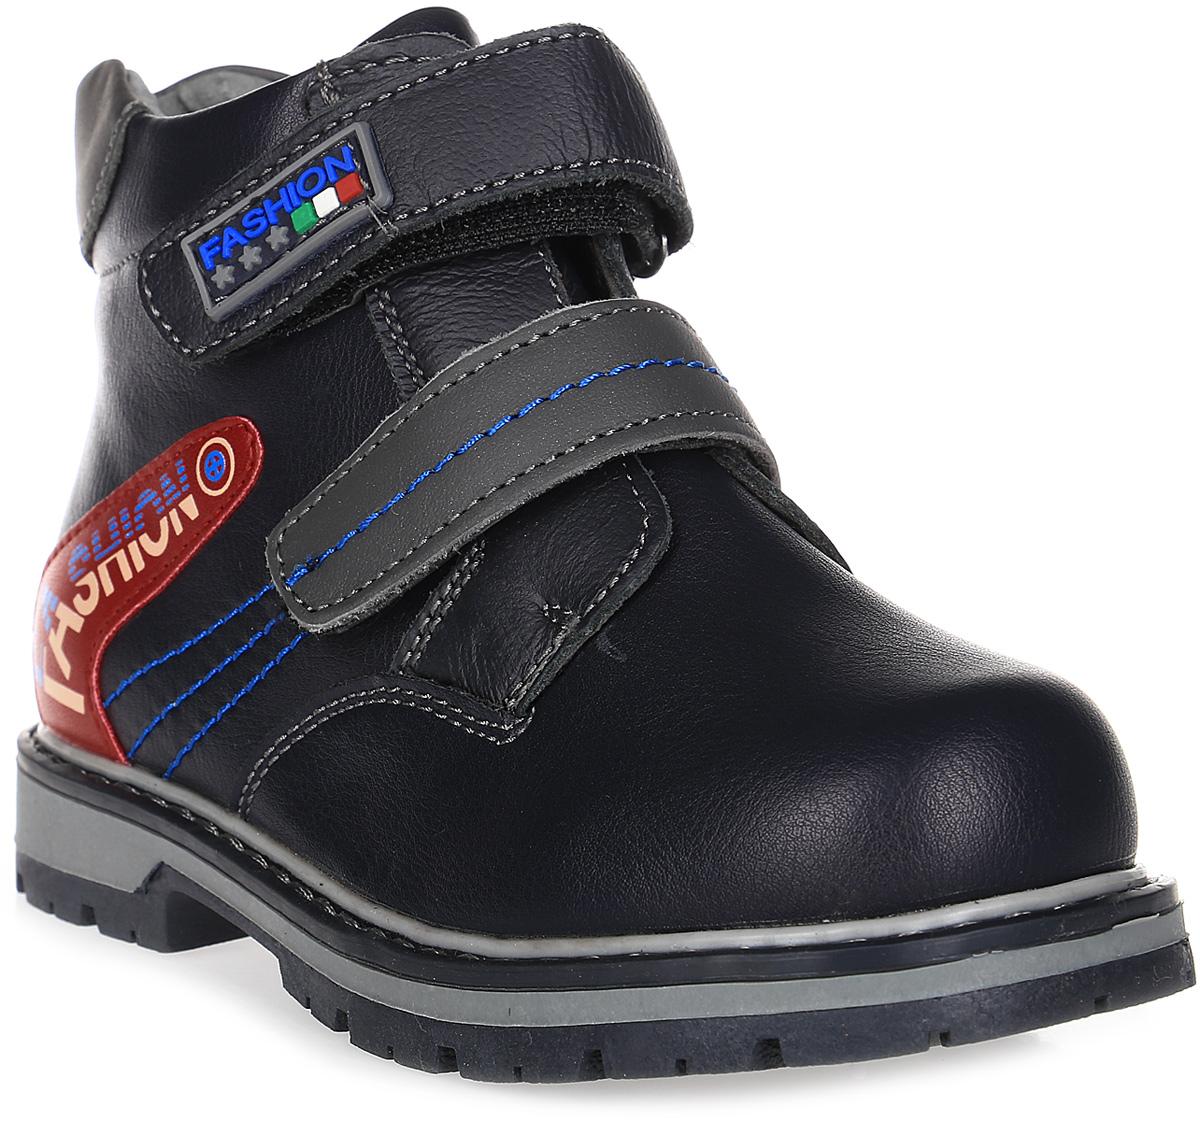 Ботинки для мальчика Счастливый ребенок, цвет: черный, синий. E7125-2. Размер 27E7125-2Ботинки для мальчика Счастливый ребенок выполнены из искусственной кожи. Подошва изготовлена из легкого, гибкого и прочного термопластичного материала. Она обеспечивает отличную амортизацию и смягчает удары от соприкосновения обуви с поверхностью, а протектор подошвы создает надежное сцепление с землей или асфальтом. Внутренняя поверхность и стелька изготовлены из текстиля. Модель застегивается с помощью ремешков на липучки, благодаря которым можно регулировать объем обуви.